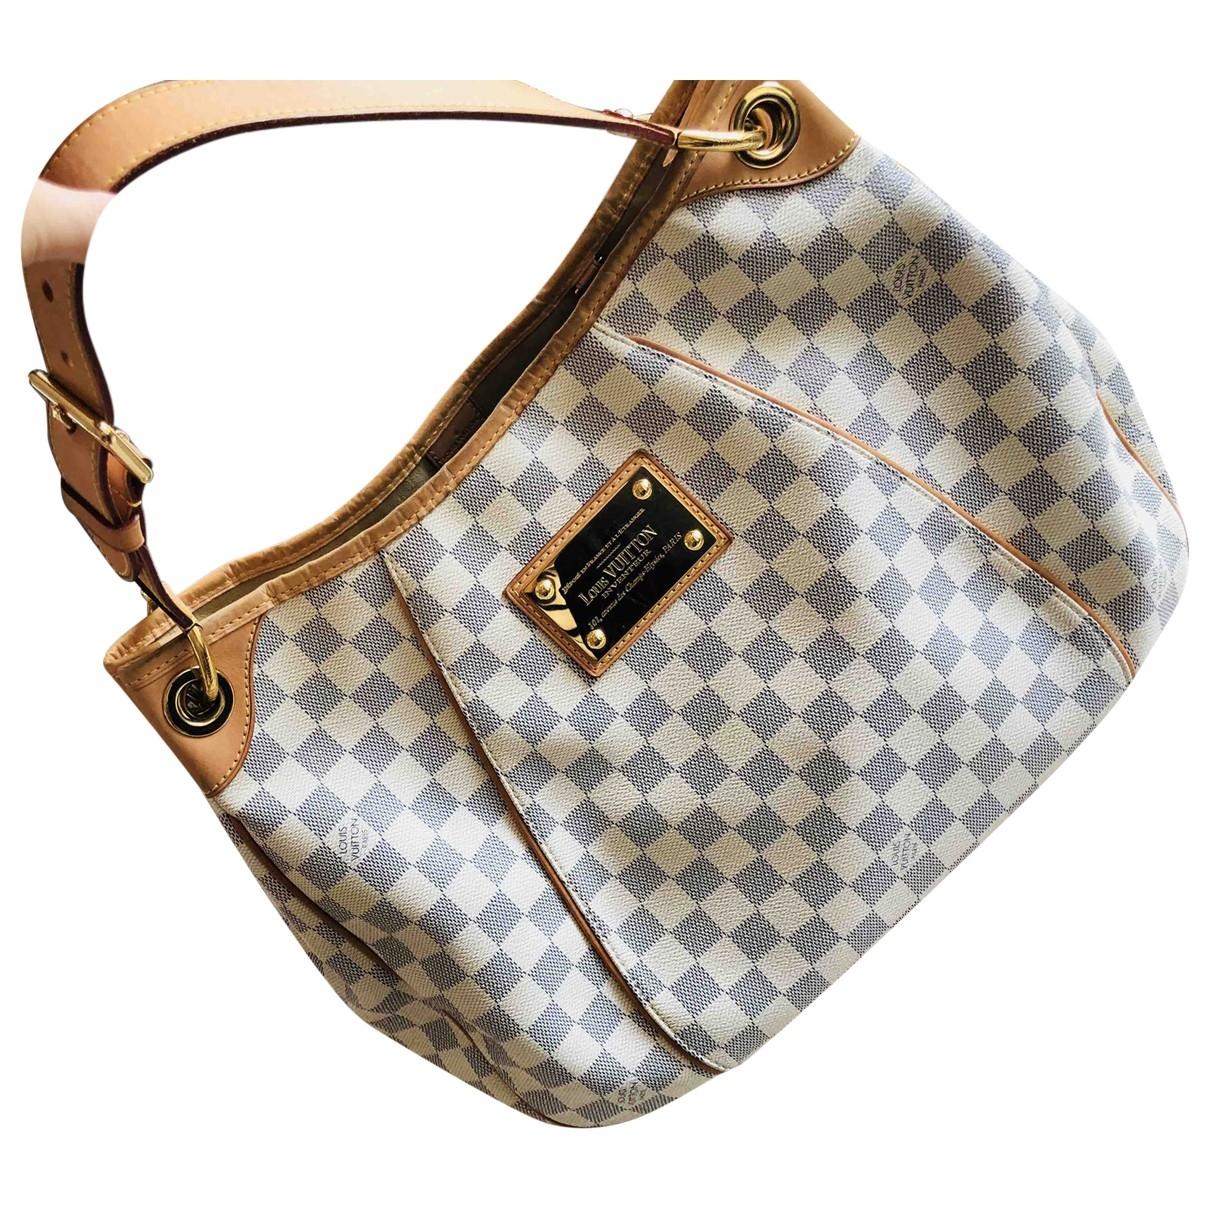 Louis Vuitton Galliera Handtasche in  Beige / Blau Leinen